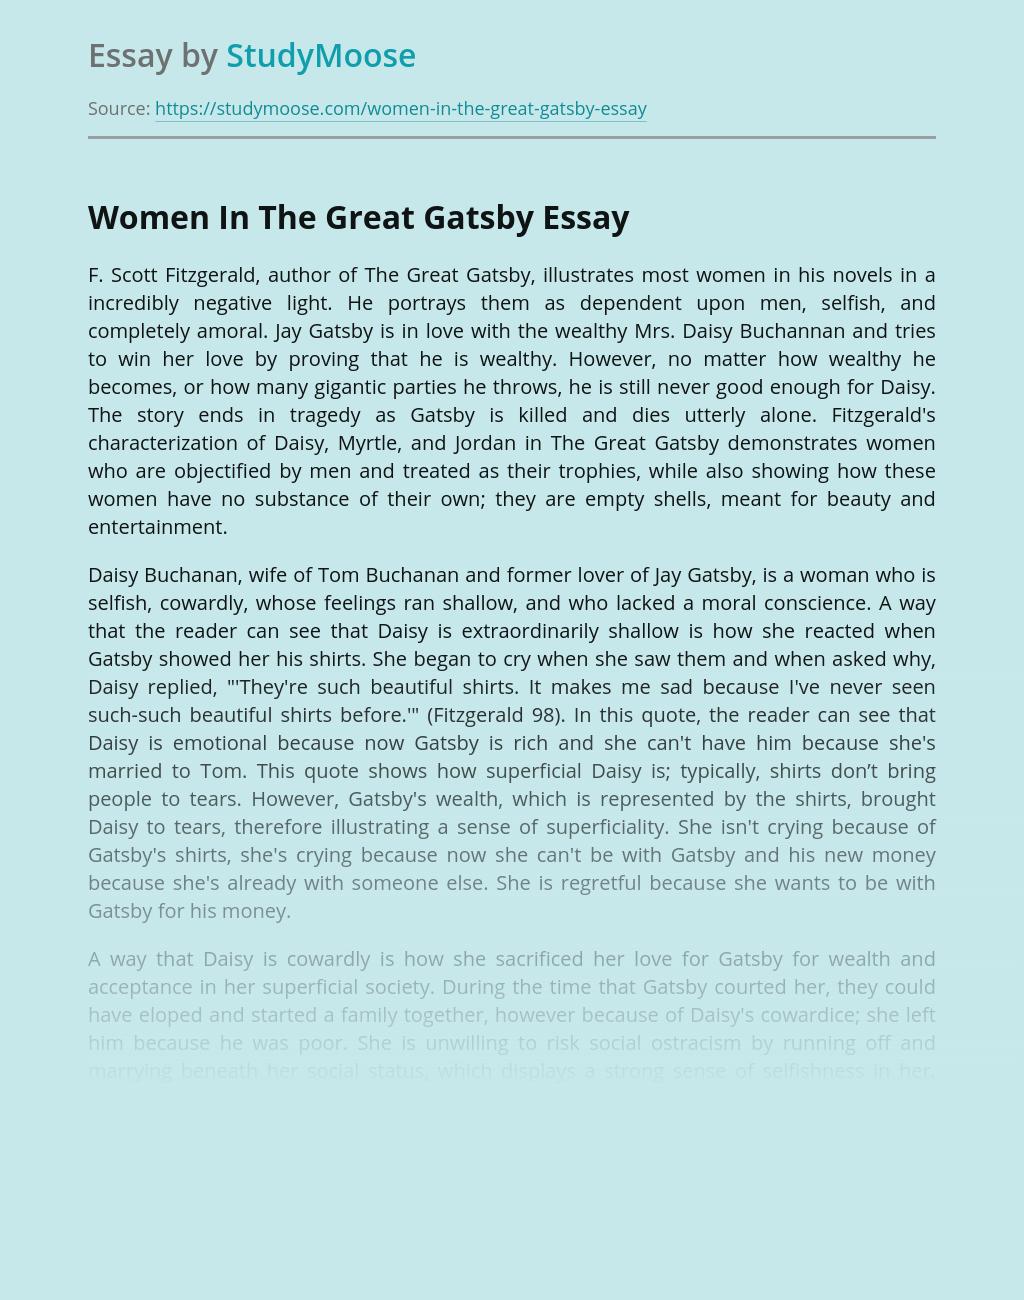 Women In The Great Gatsby